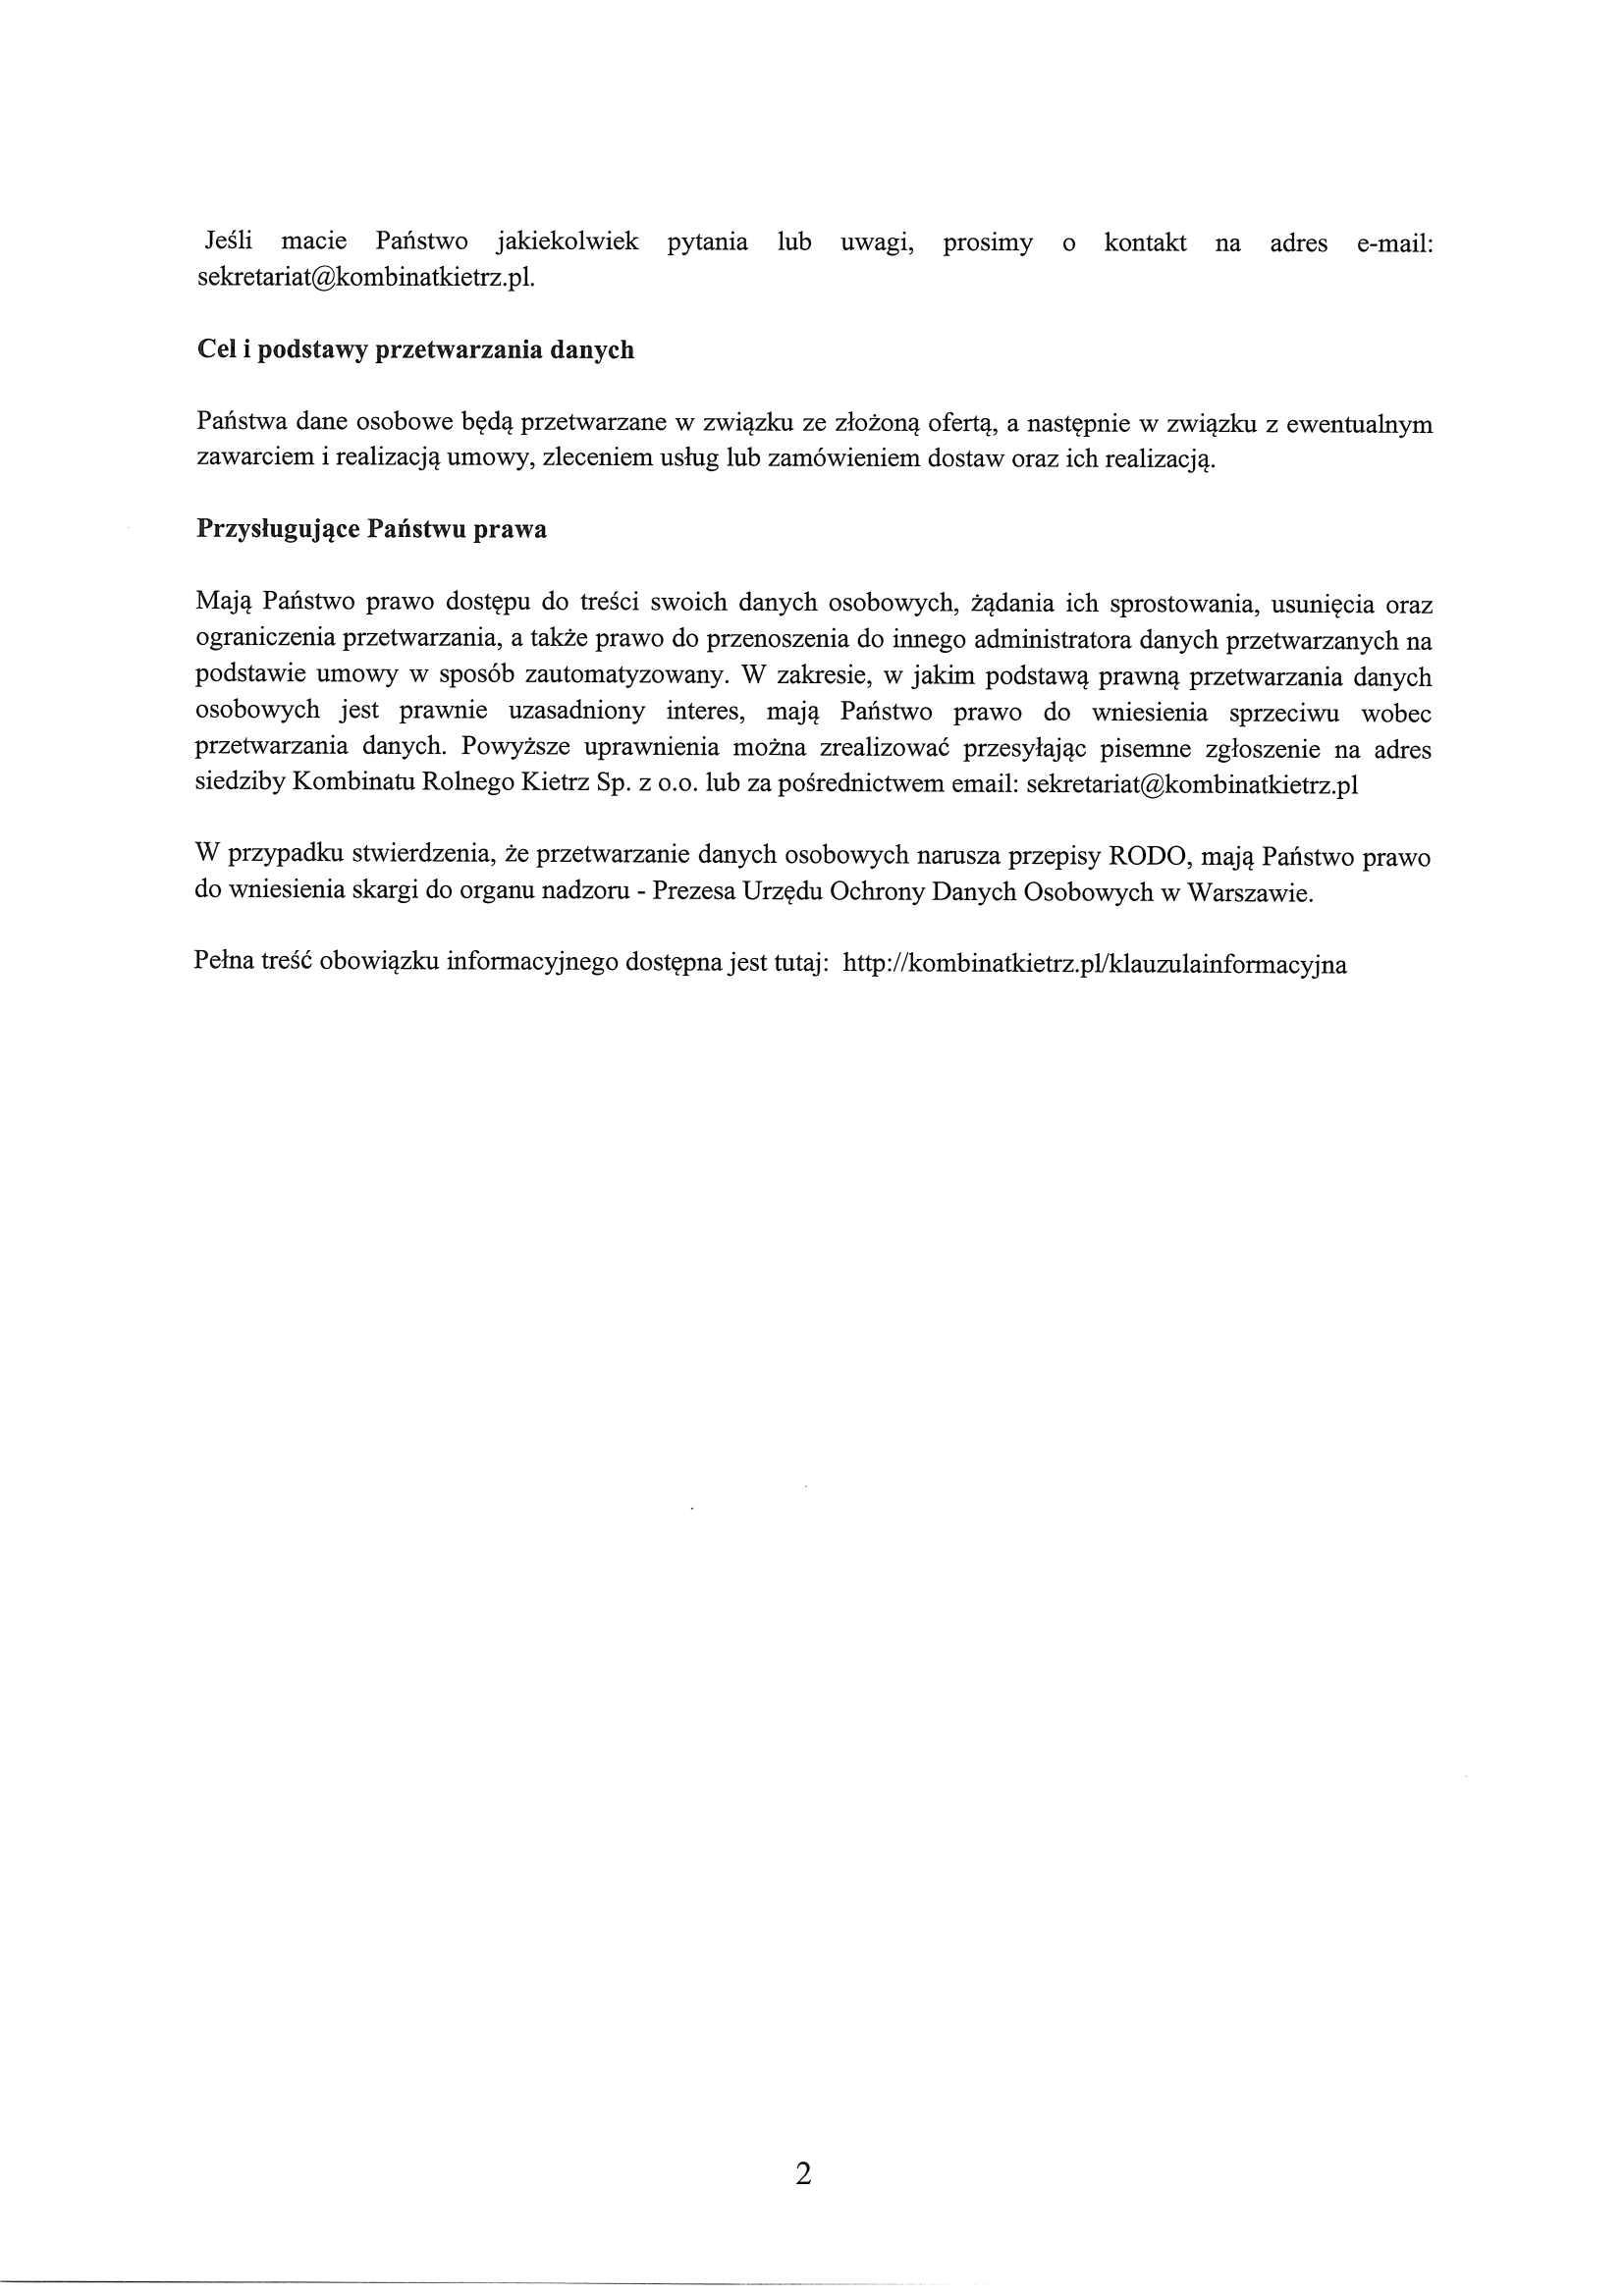 krkietrzsekretariatgmailcom-001    2jpg